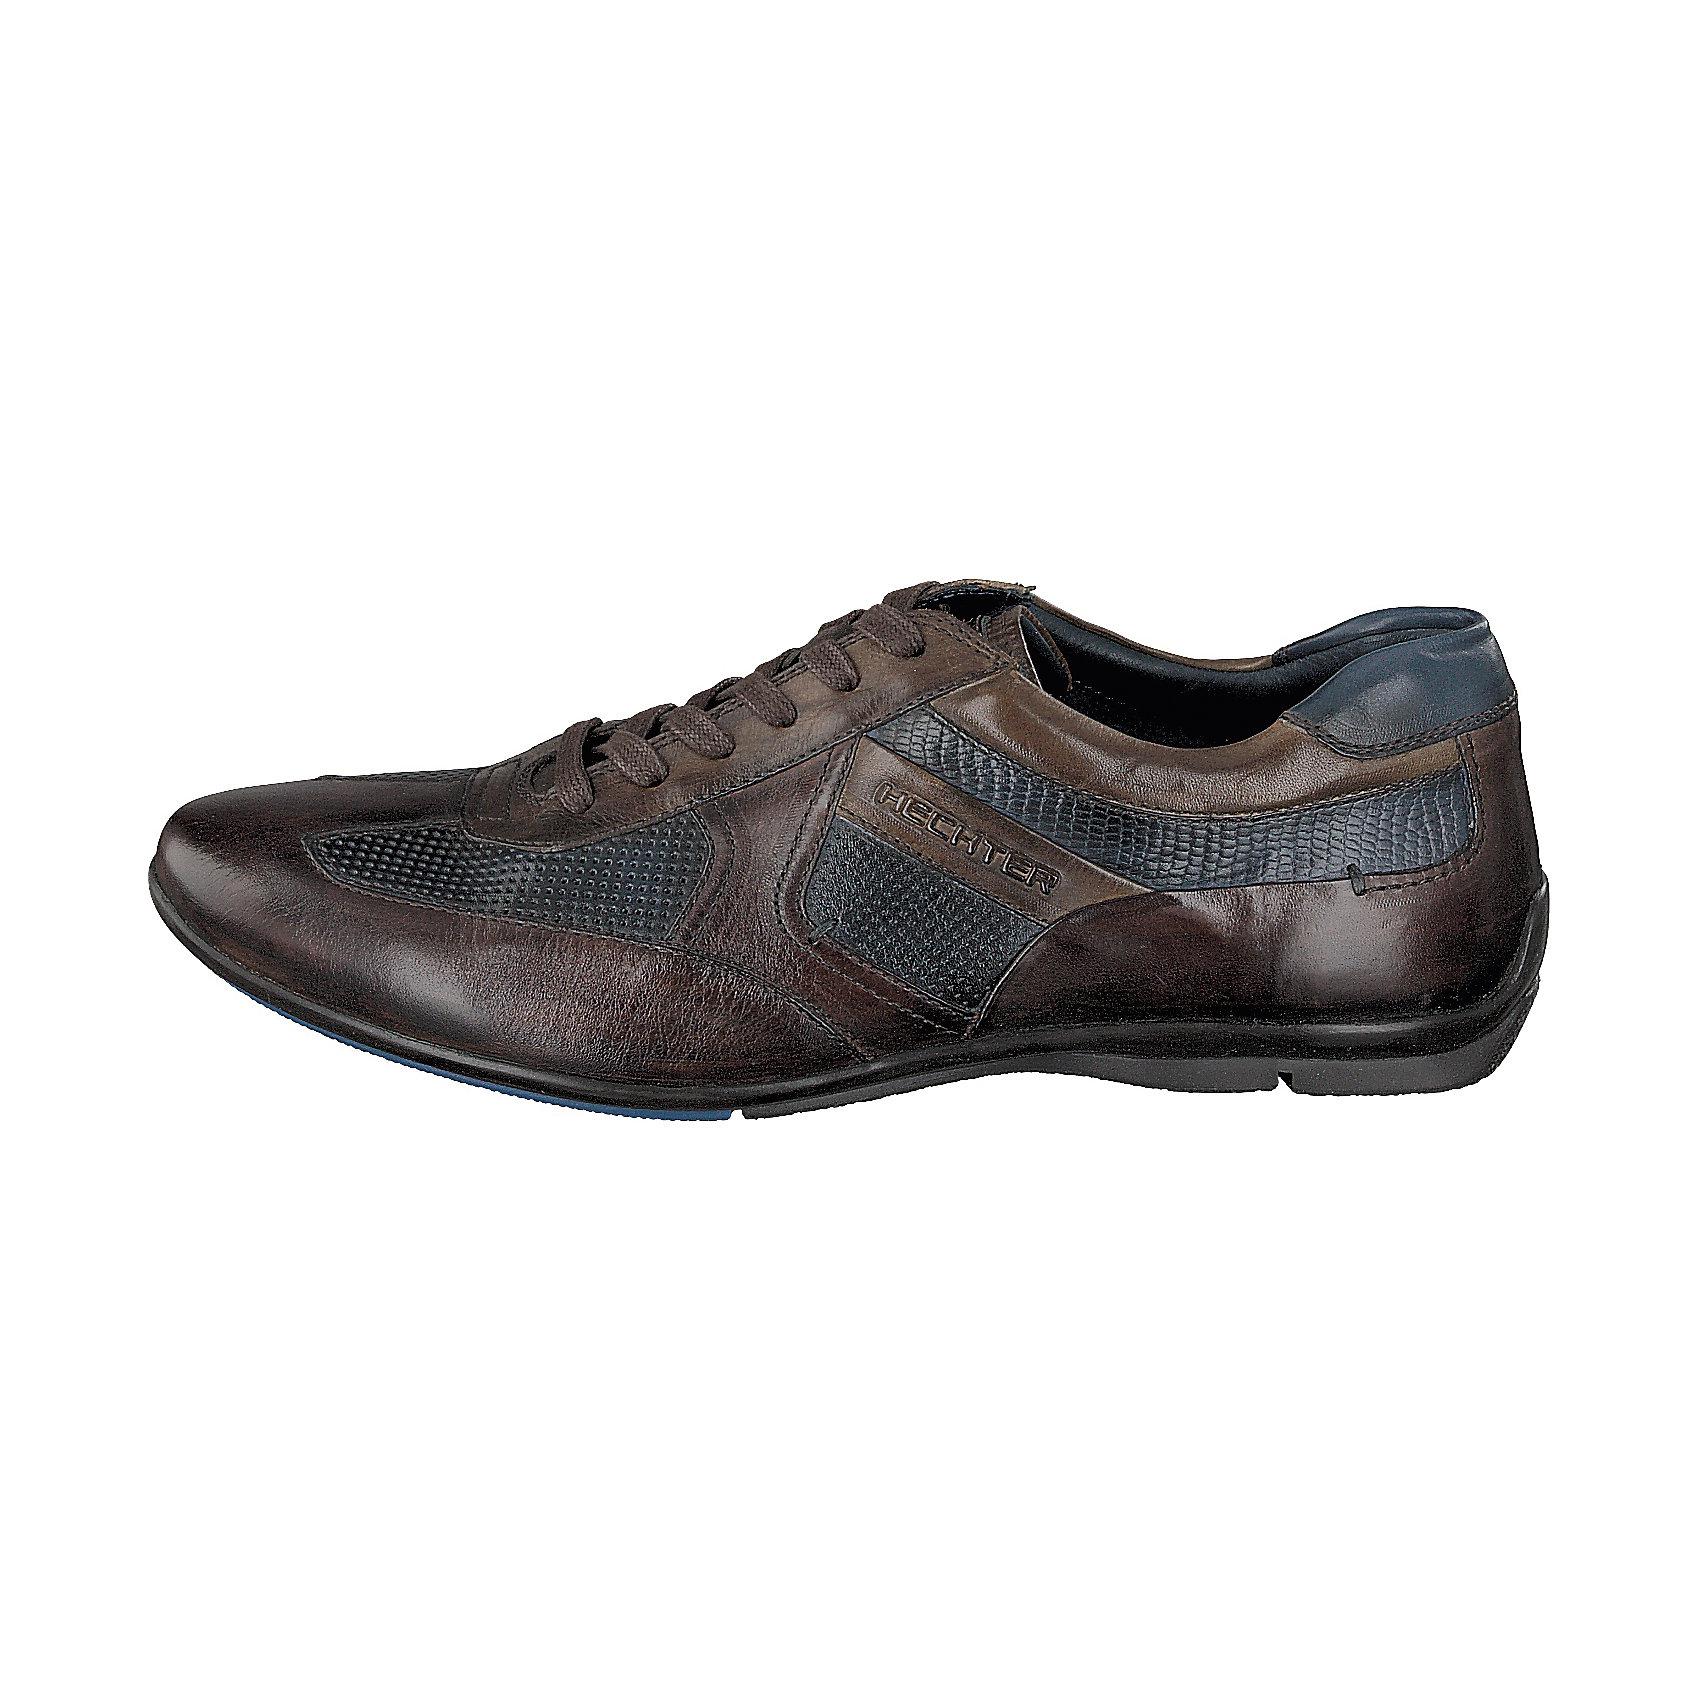 Neu DANIEL HECHTER für Sneakers 5767421 für HECHTER Herren braun-kombi eb40bc